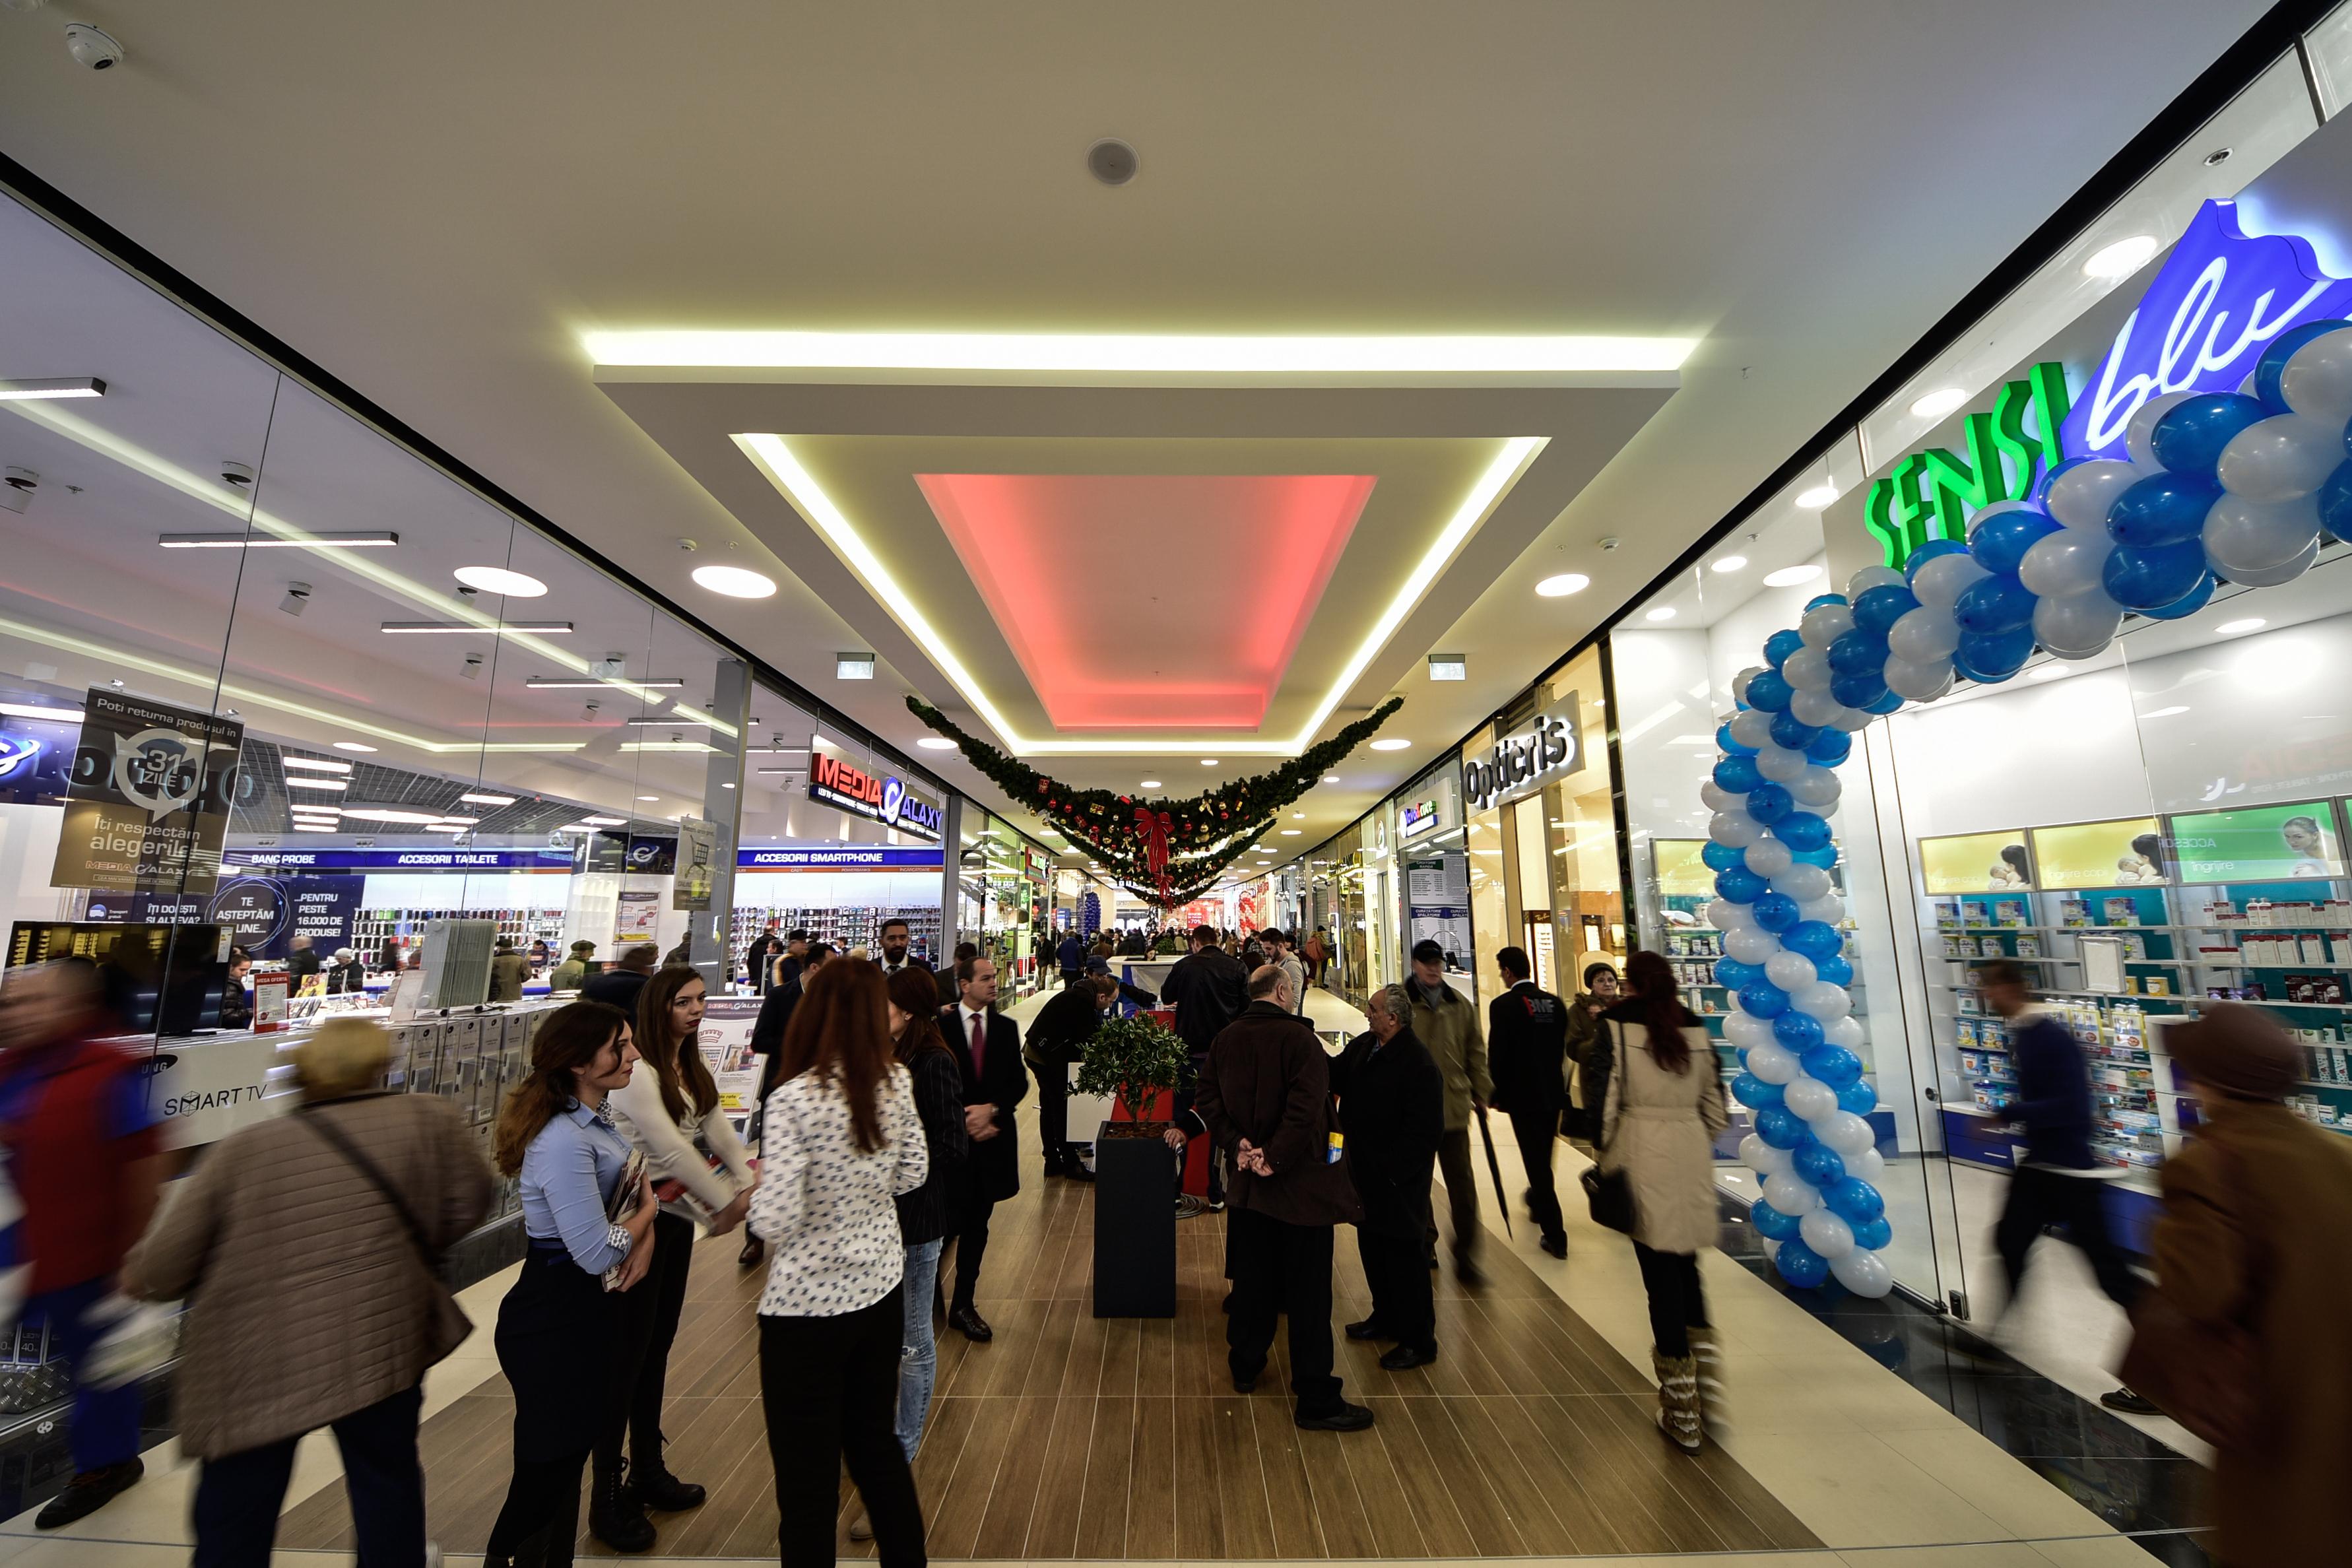 Termen Pentru Mall Ul Din Calea Agului Timi Oara